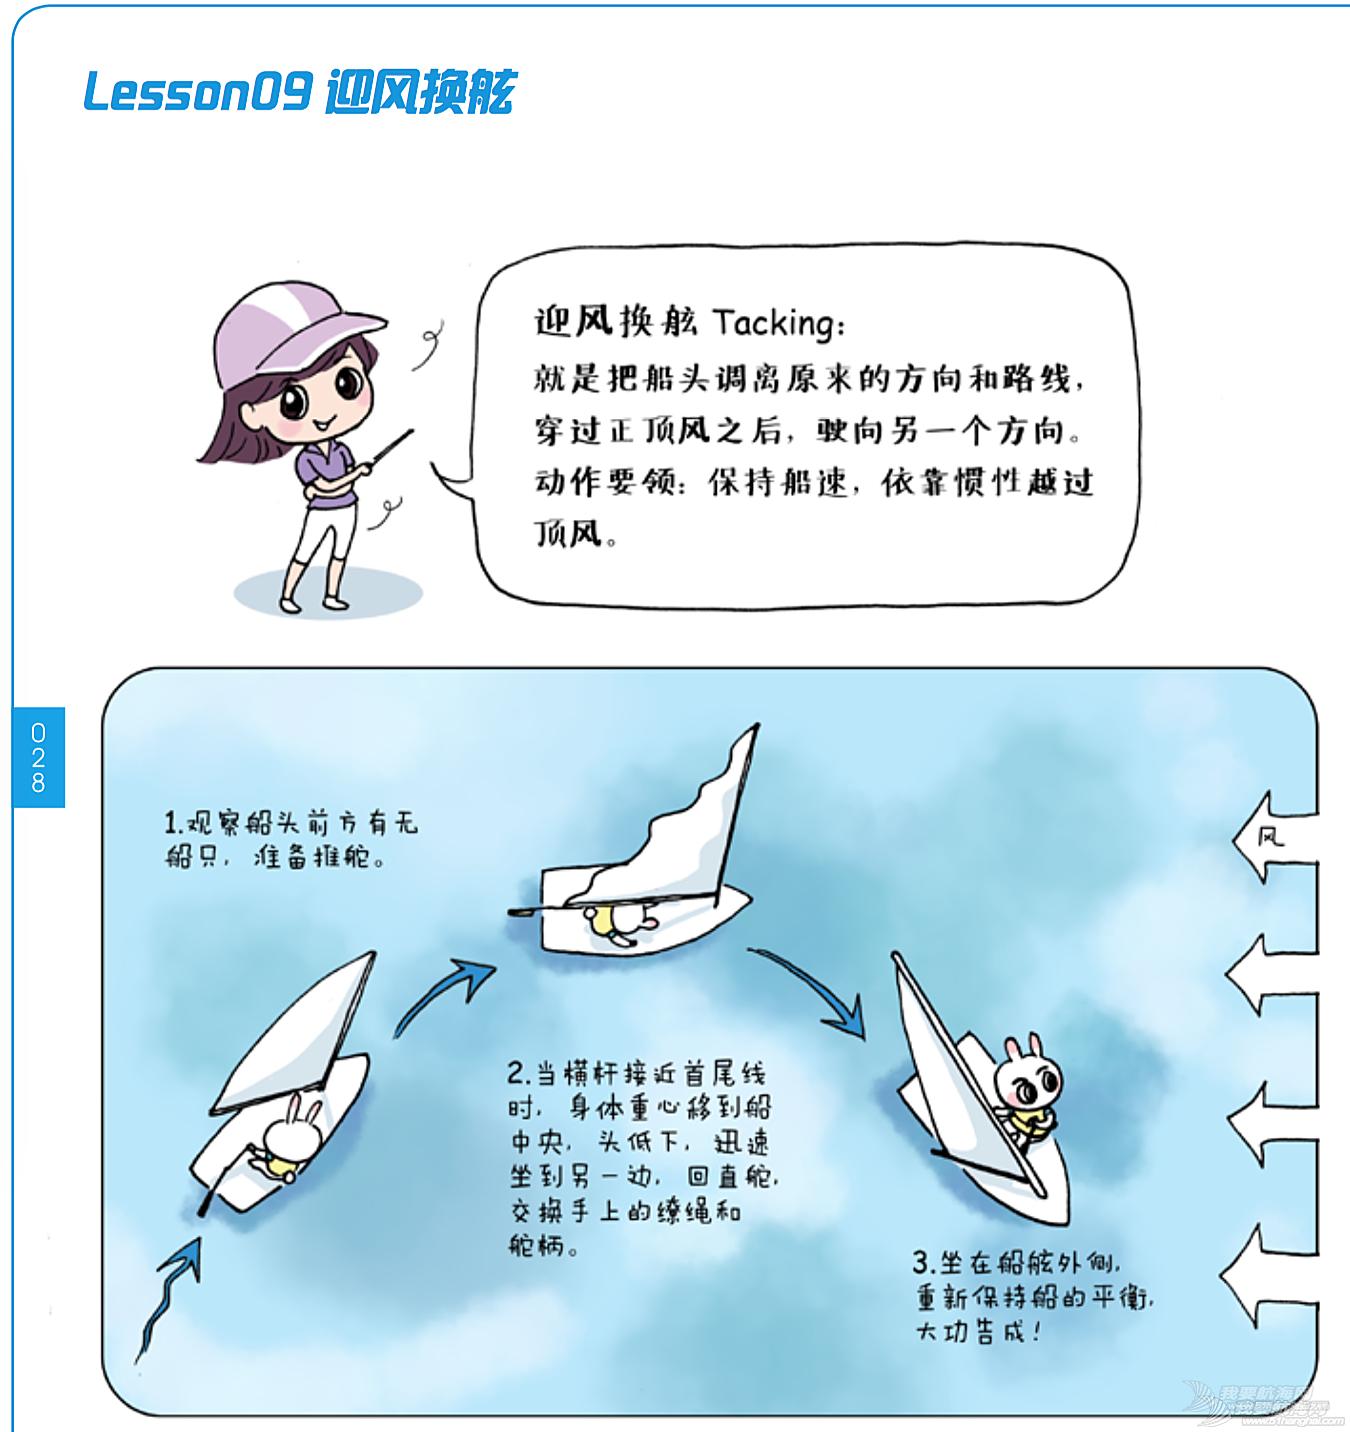 奥运冠军,帆船,连载 《跟奥运冠军学帆船》Lesson 09 迎风换舷